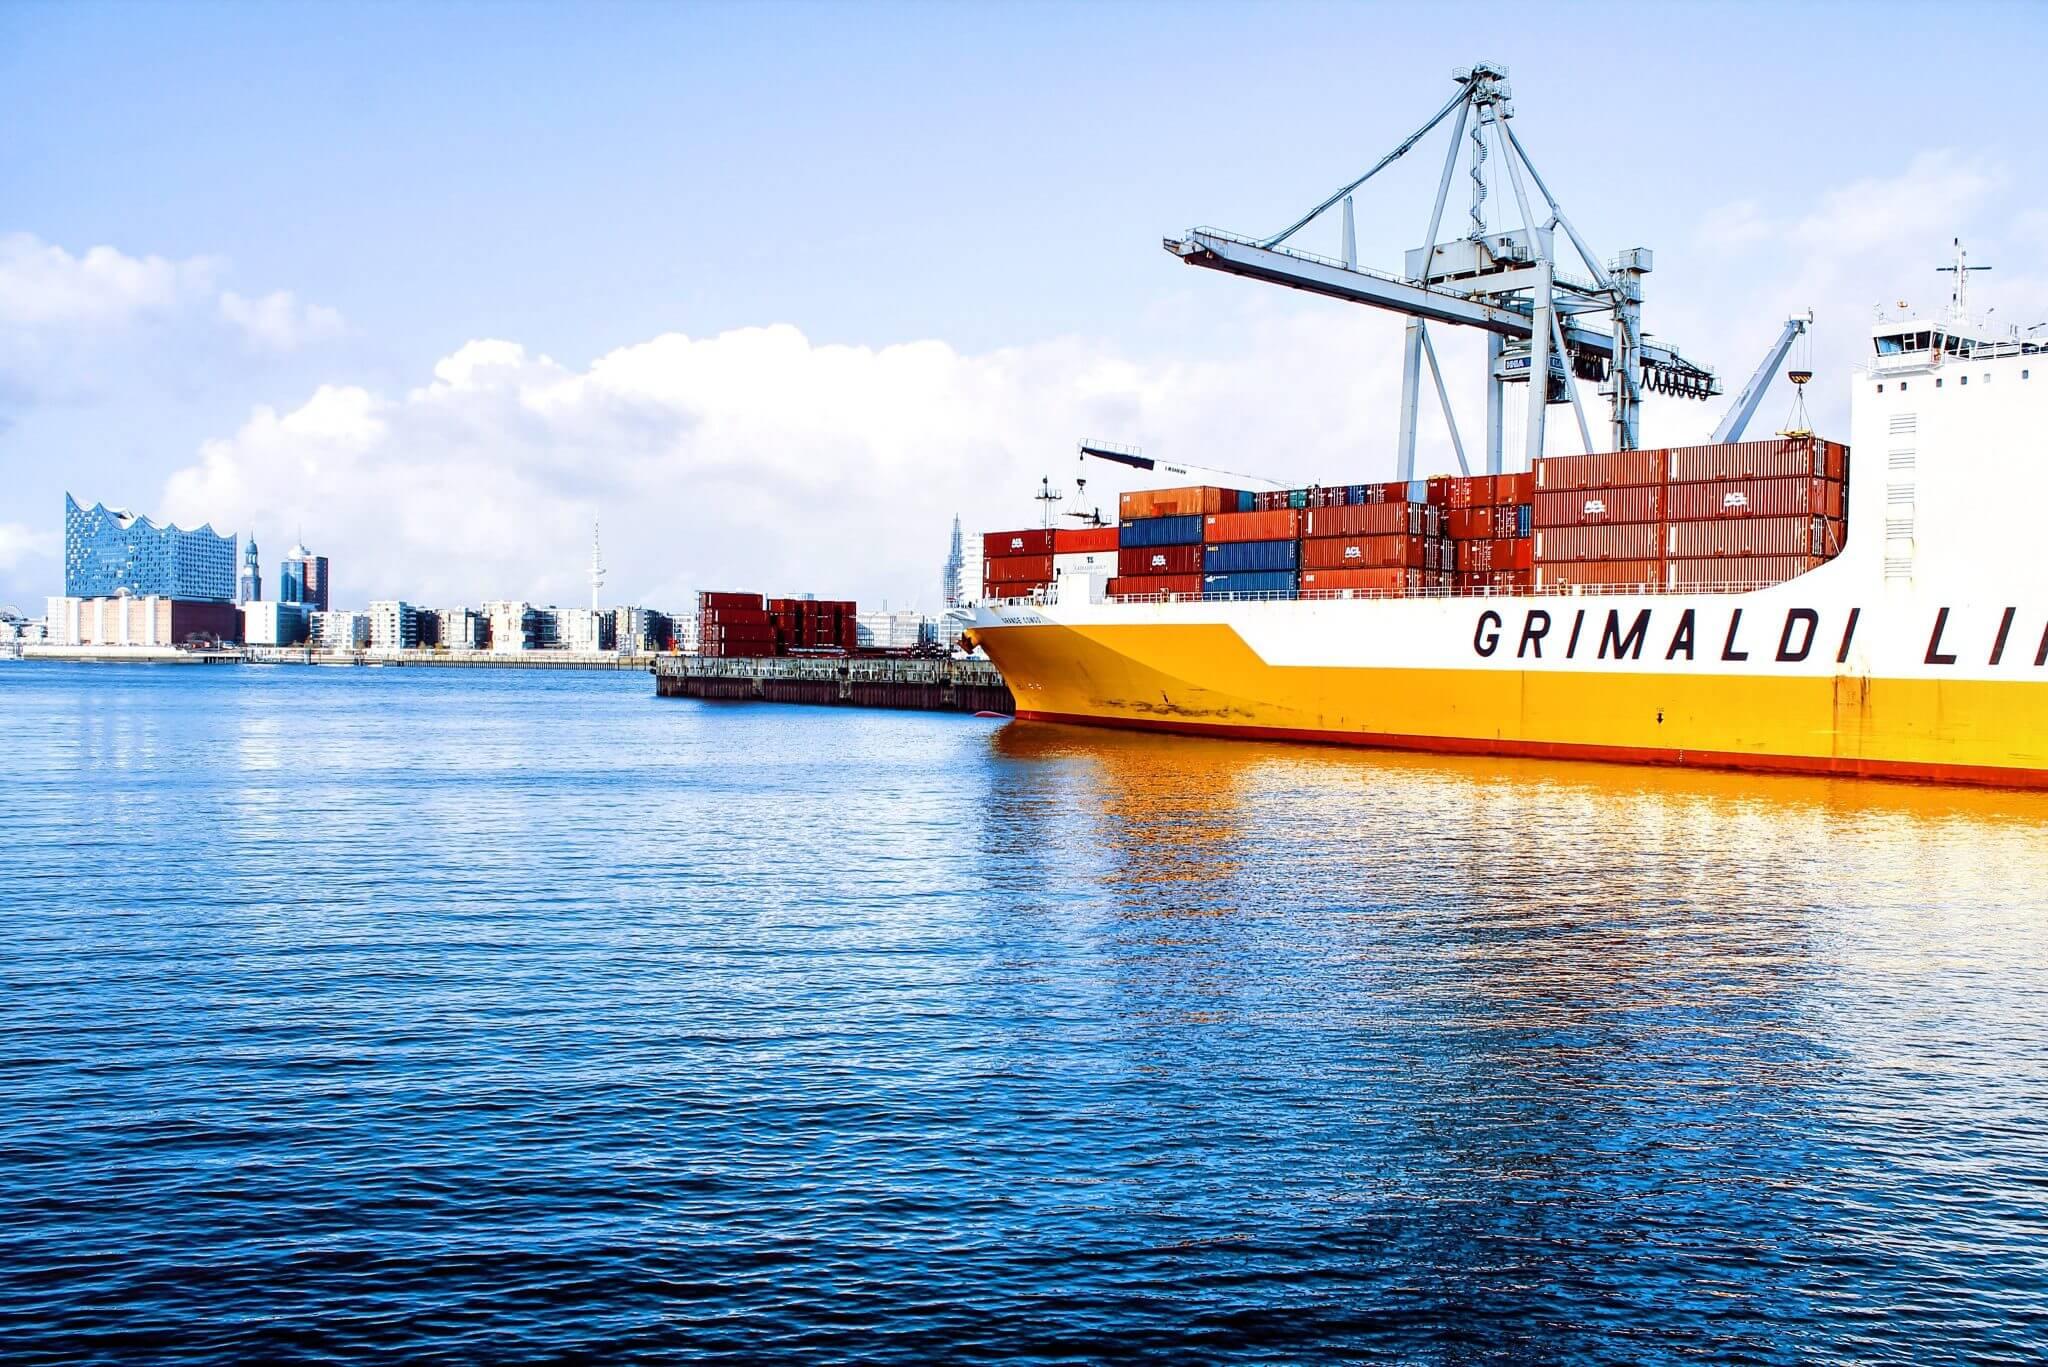 Ein Bild von einem Containerschiff bei Sonne im Hamburger Hafen mit Blick auf die Elbphilharmonie